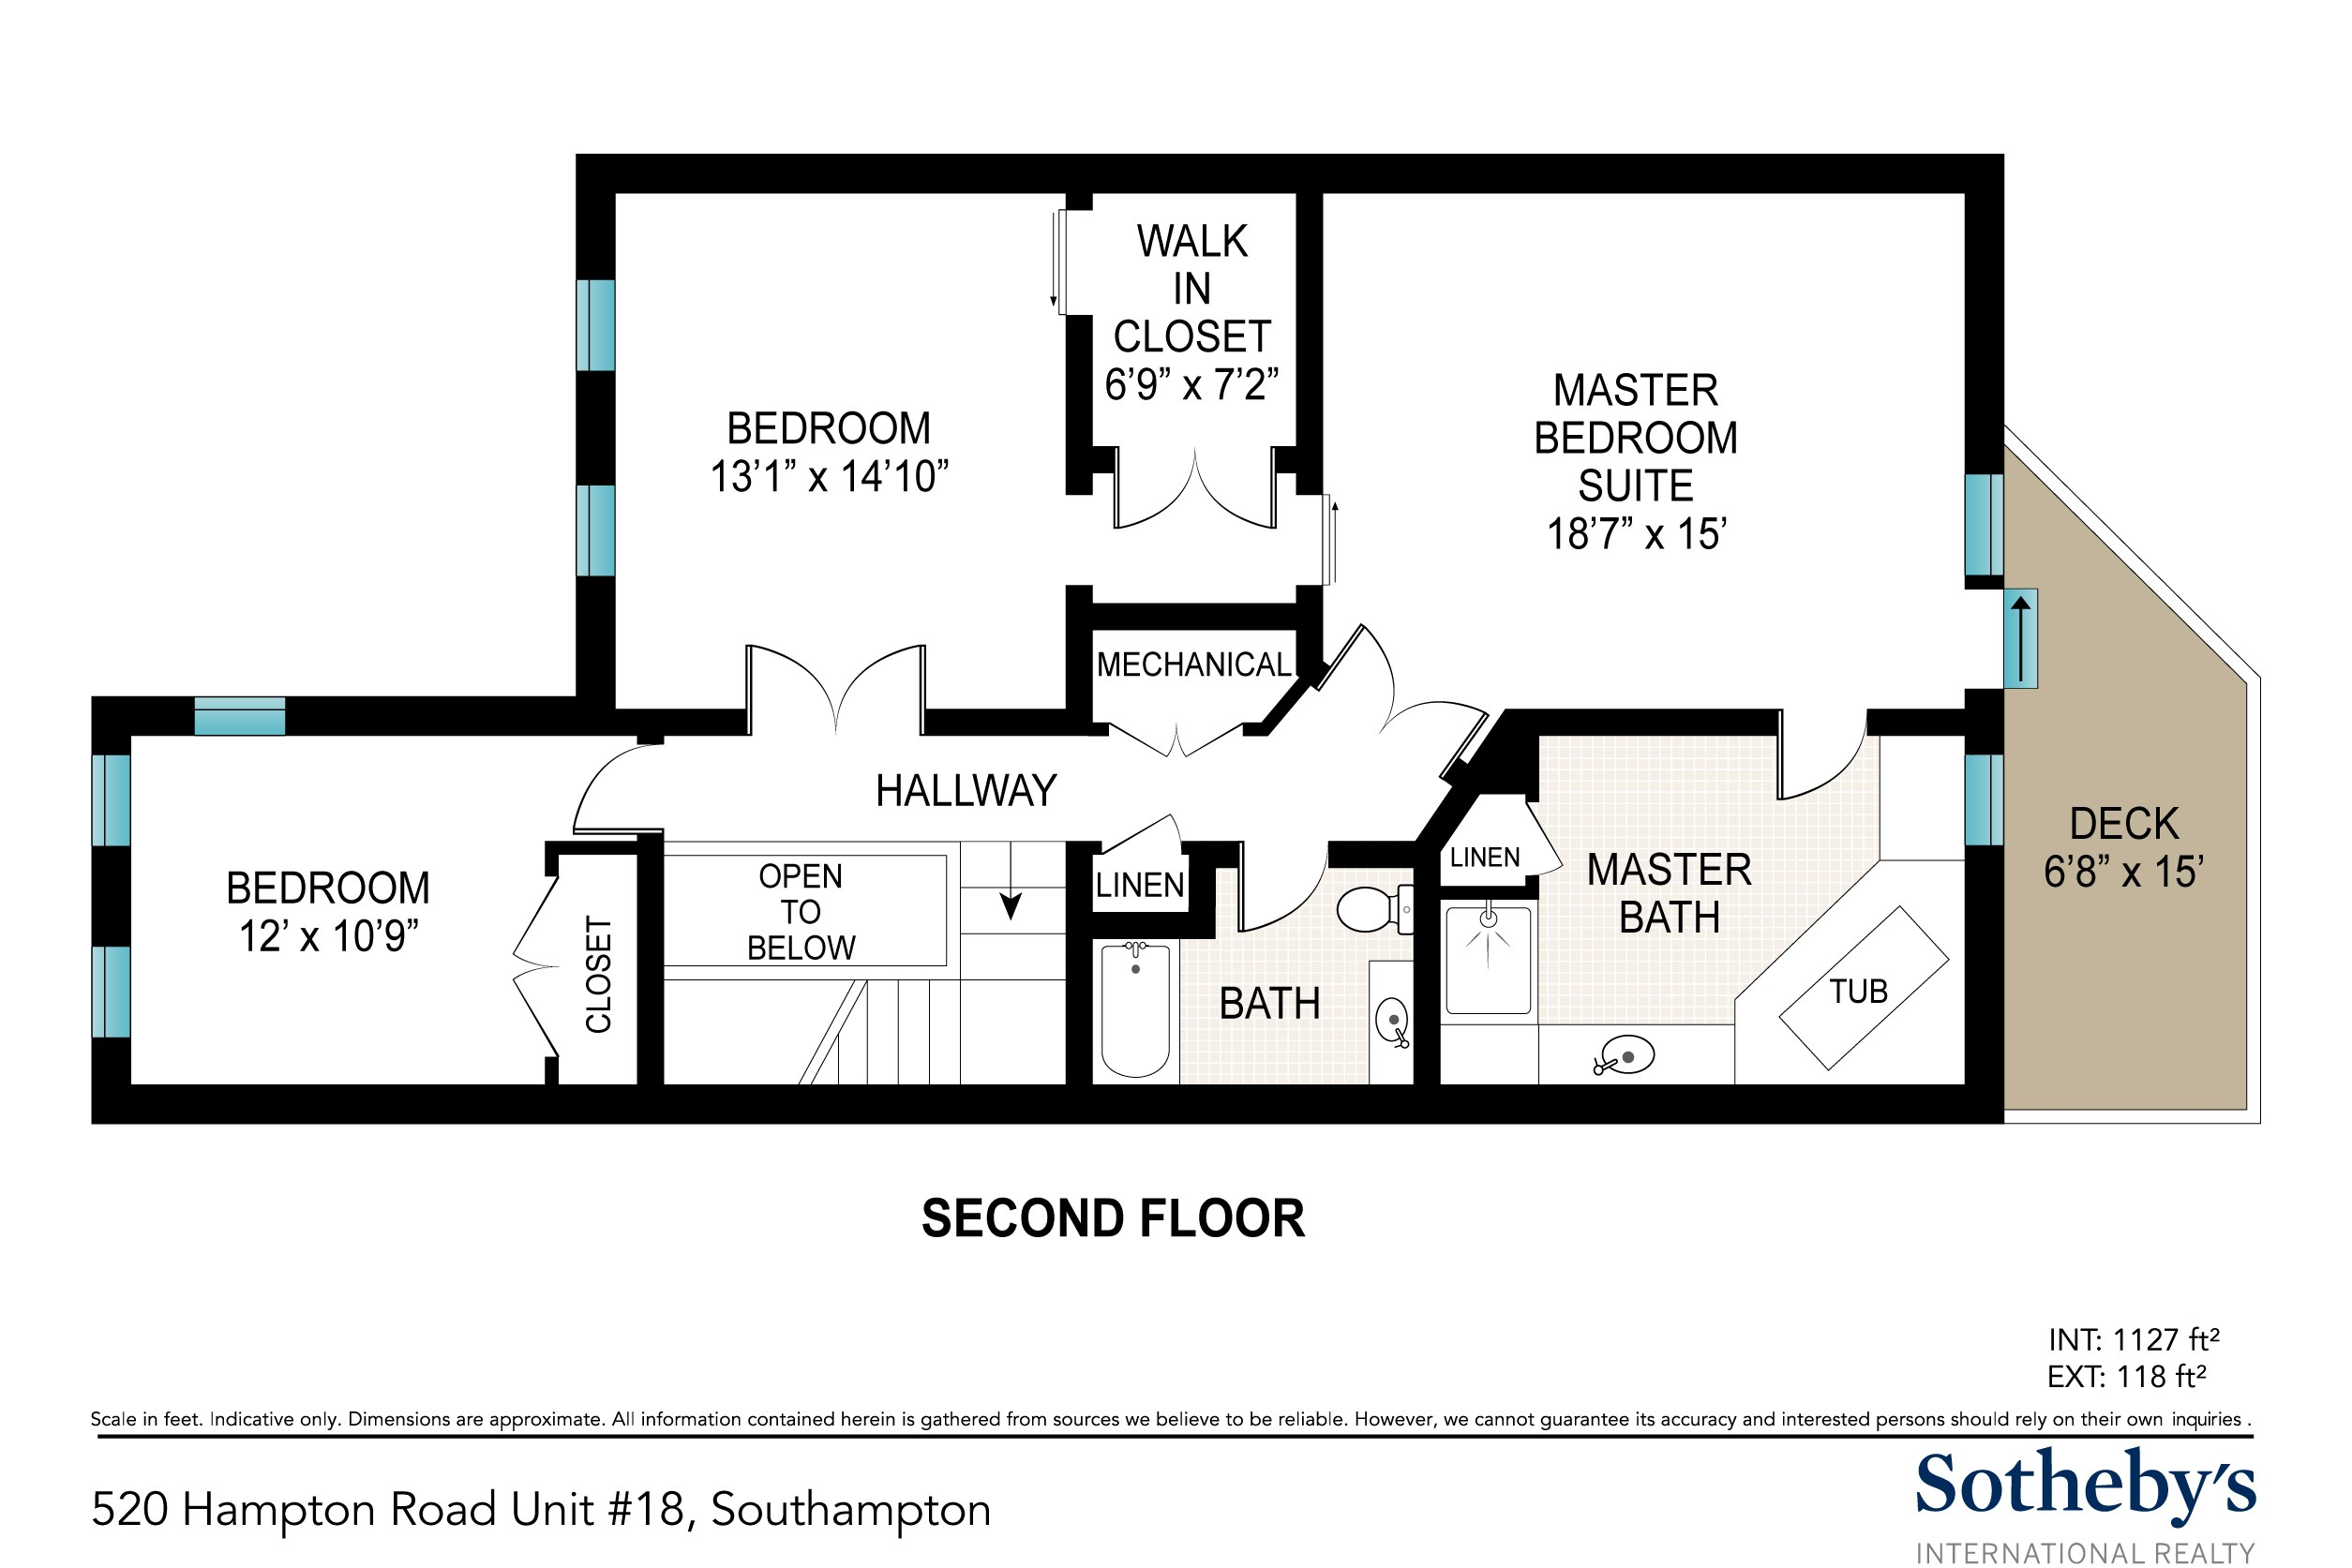 Floor Plan Image 1